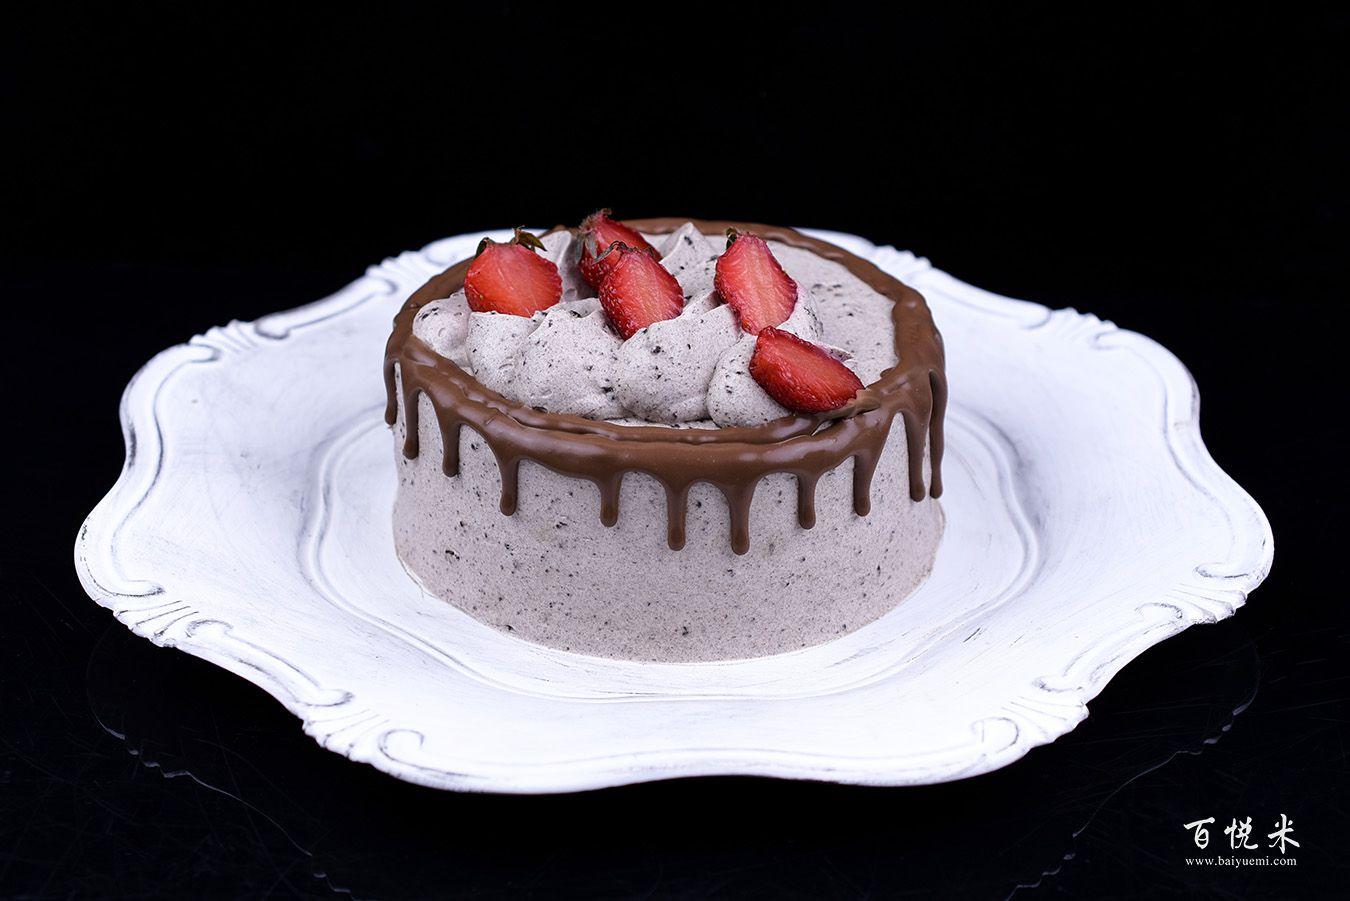 奥利奥咸奶油草莓淋面蛋糕高清图片大全【蛋糕图片】_1136